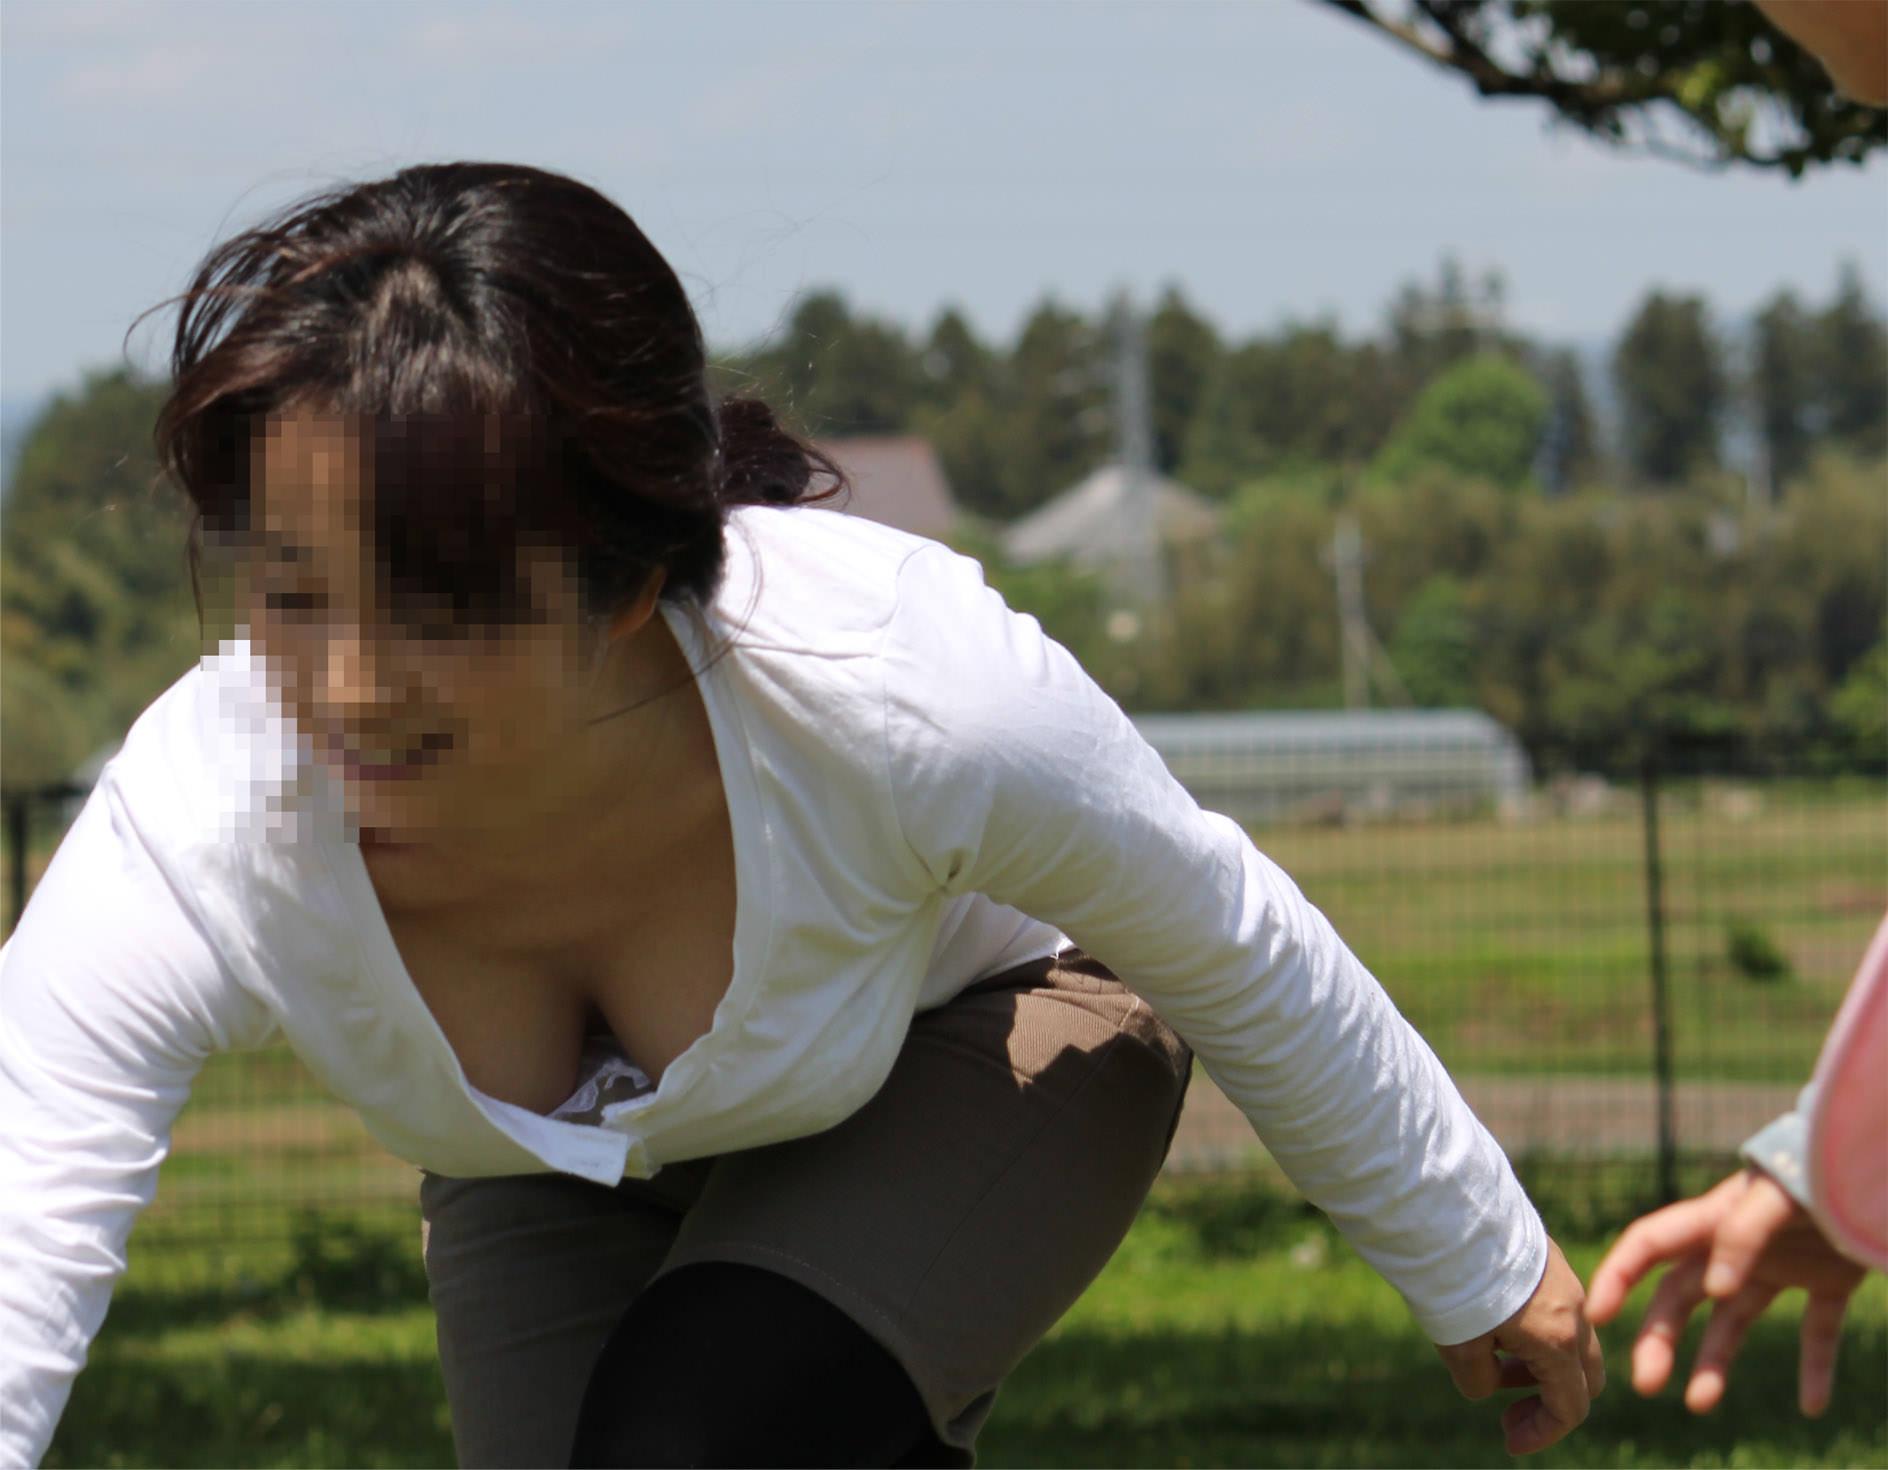 ヒトヅマ胸チラ写真☆若妻のドすけべすぎる胸元がマル見え☆(43枚)